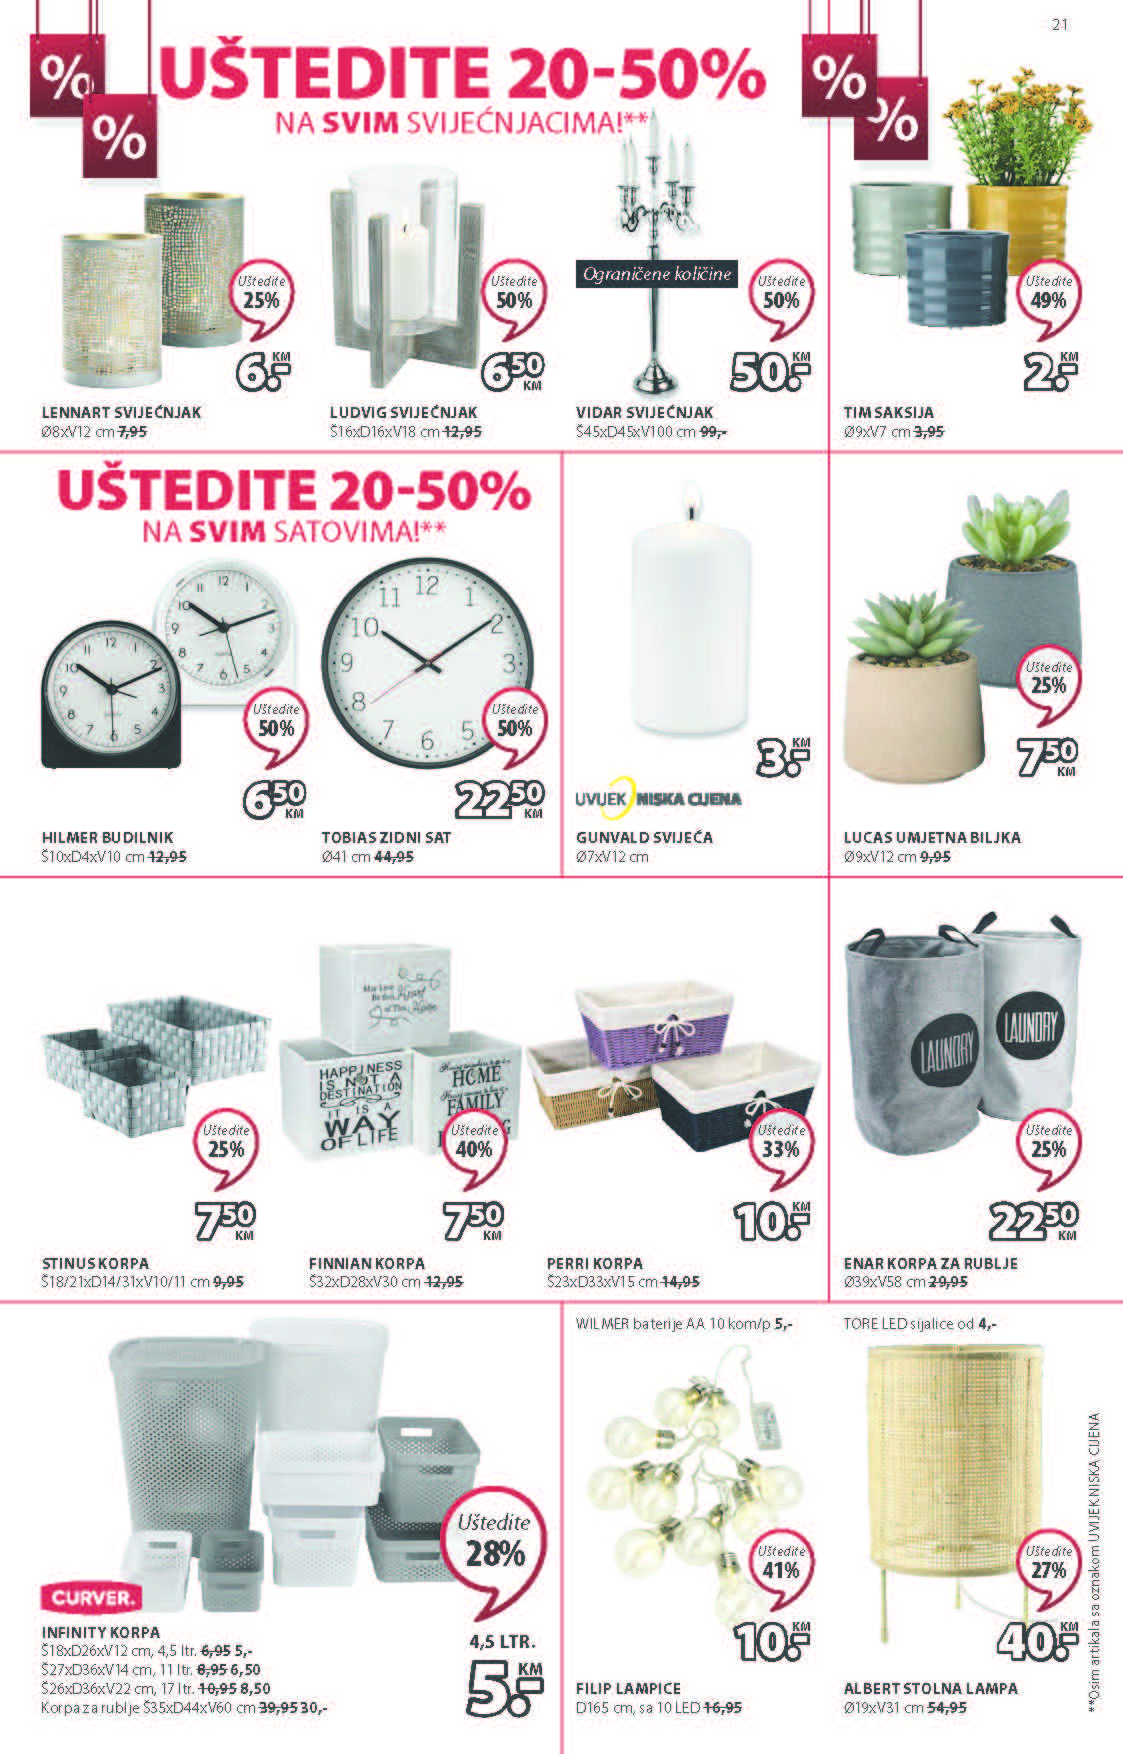 JYSK Katalog Akcijska rasprodaja JUN 2021 03.06. 16.06 eKatalozi.com PR Page 22